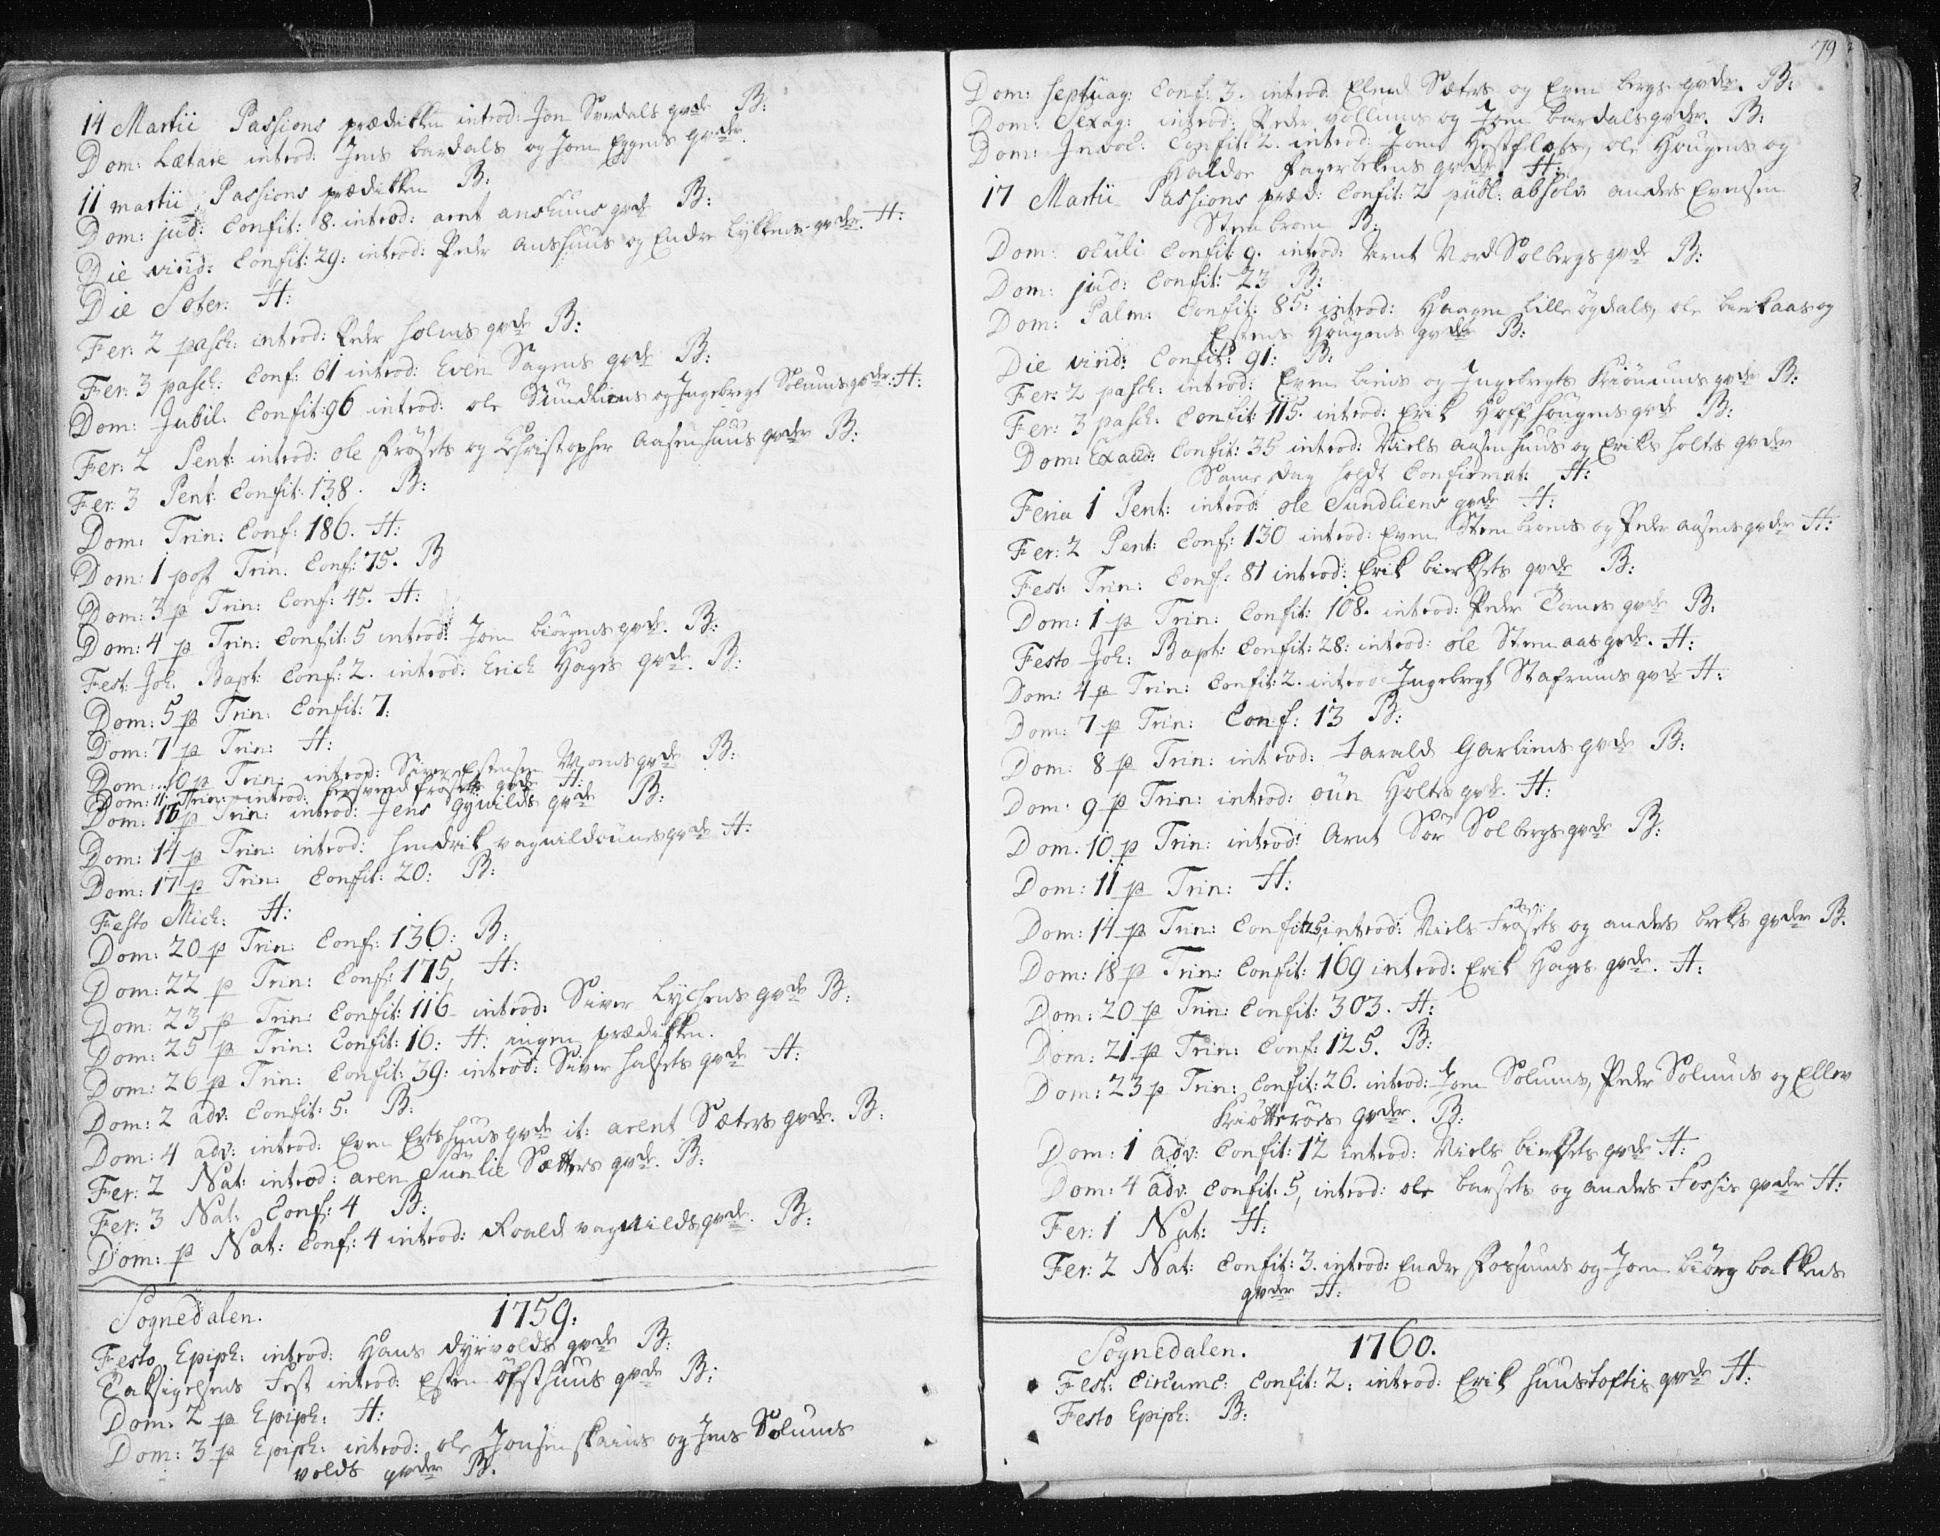 SAT, Ministerialprotokoller, klokkerbøker og fødselsregistre - Sør-Trøndelag, 687/L0991: Ministerialbok nr. 687A02, 1747-1790, s. 79